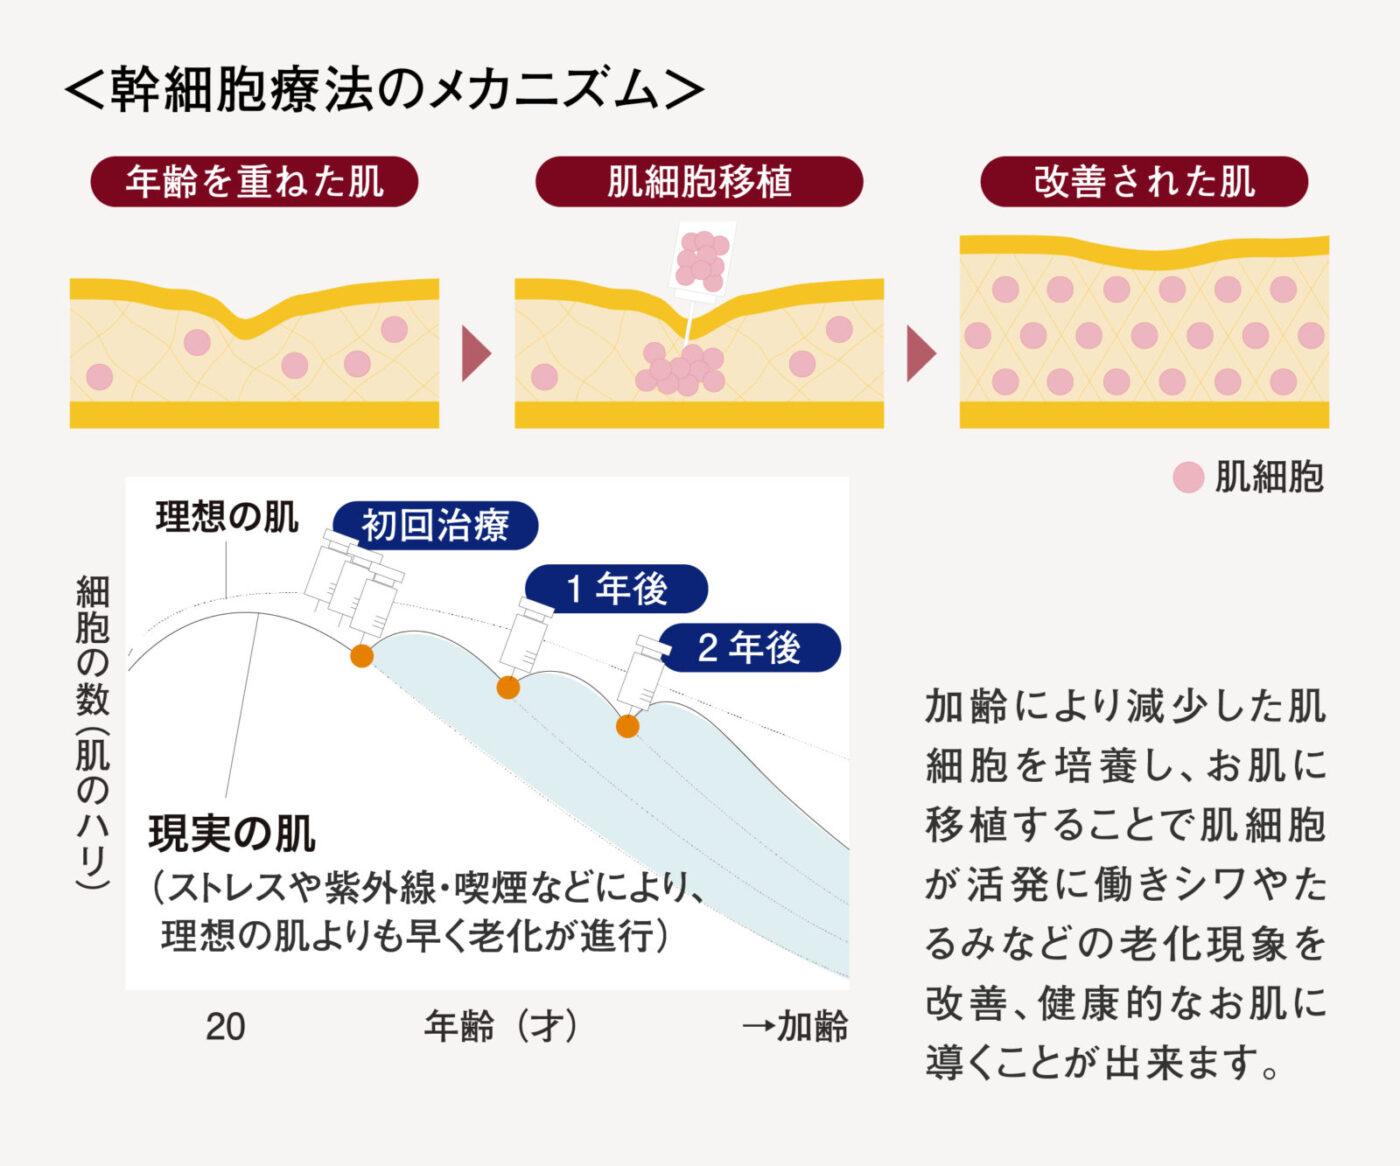 幹細胞メカニズム